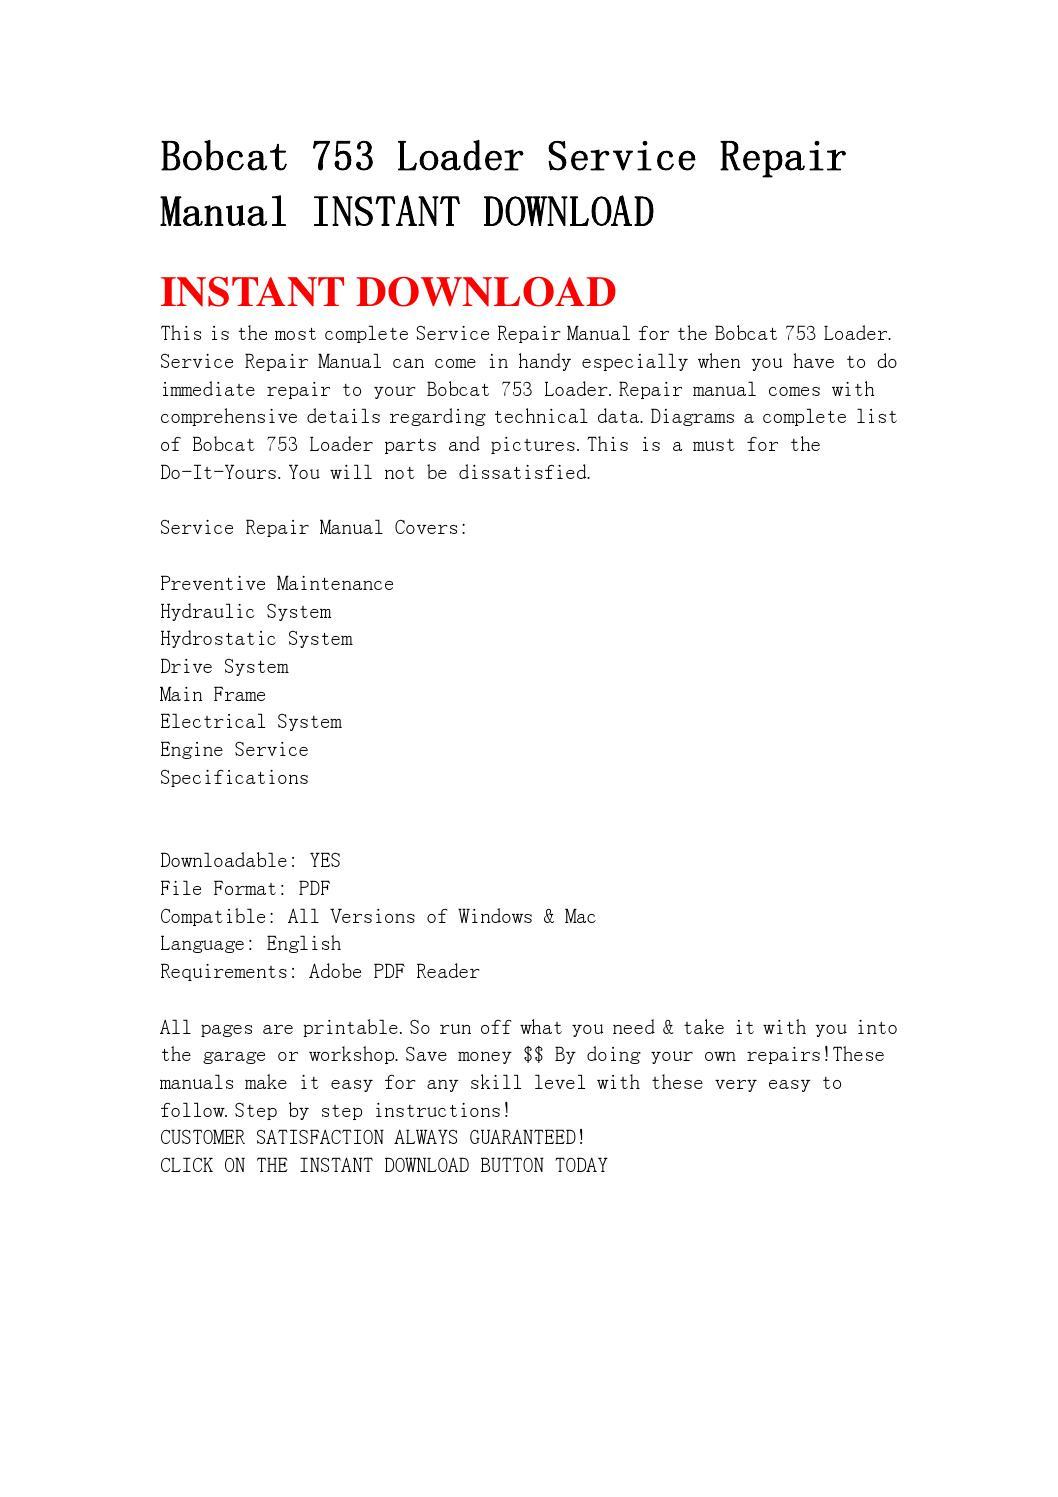 Bobcat 753 Loader Service Repair Manual Instant Download